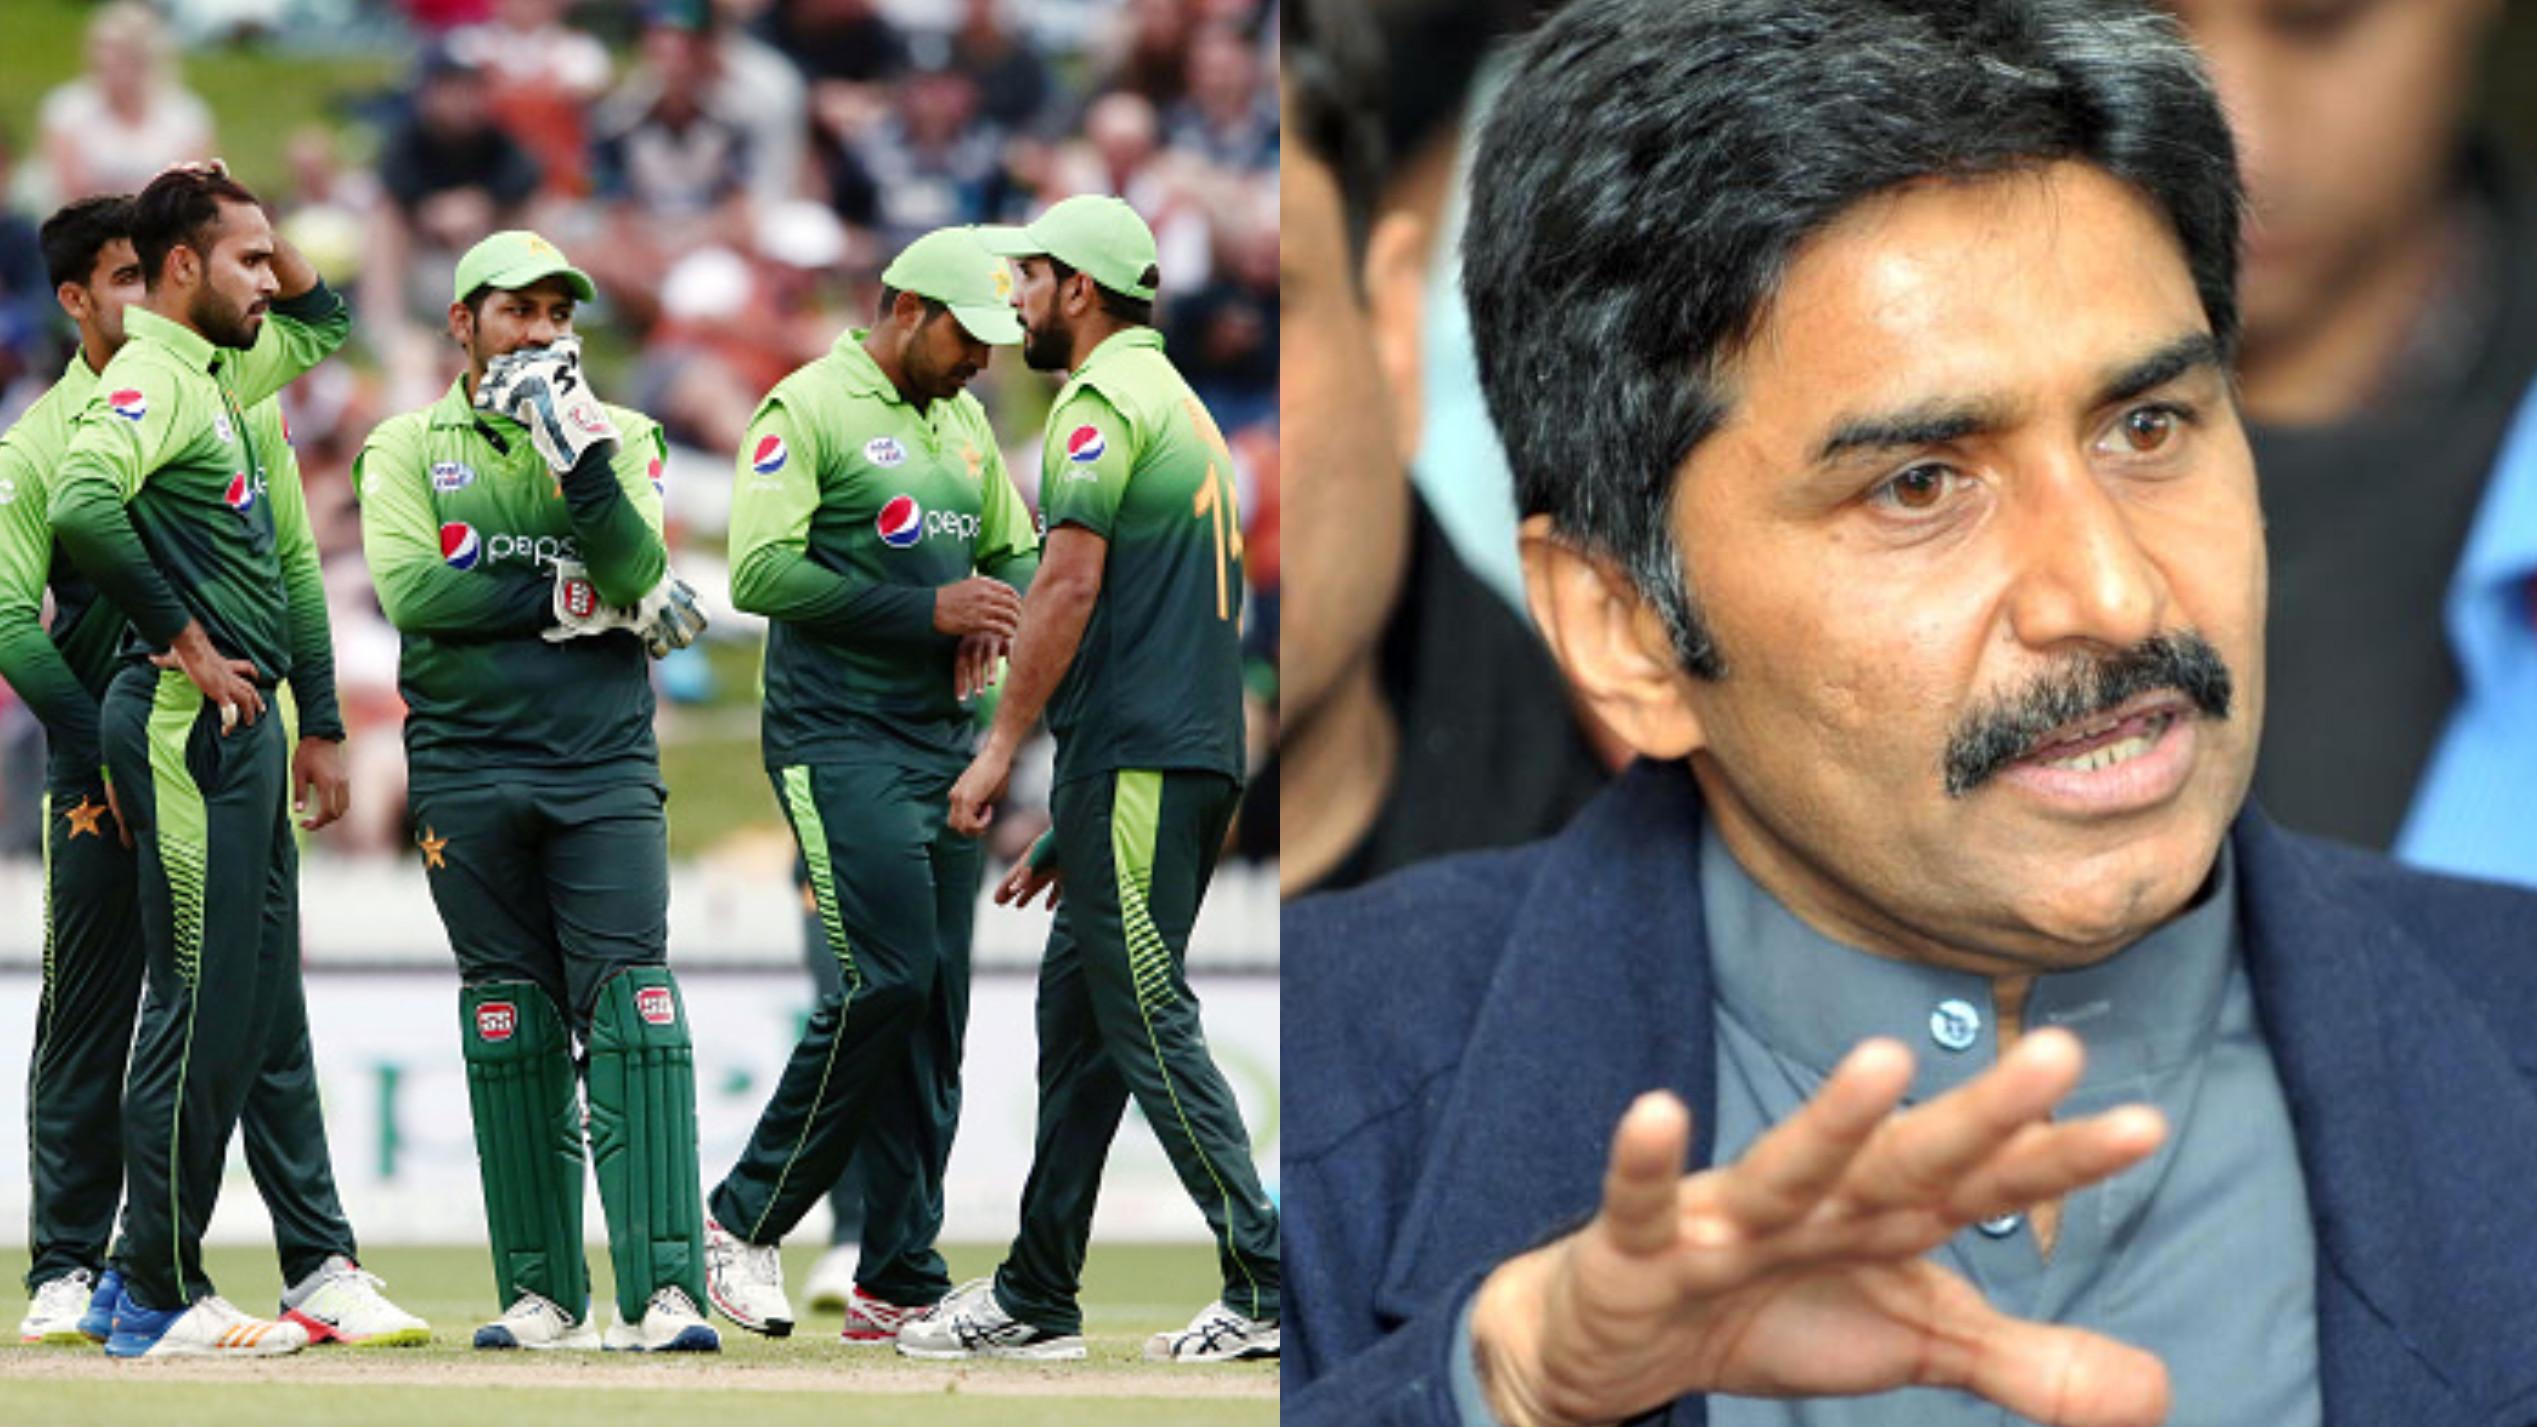 जावेद मियांदाद ने पाकिस्तानी बल्लेबाज़ों को विराट, विलियमसन और रूट जैसे खिलाड़ियों का अवलोकन करने का दिया सुझाव